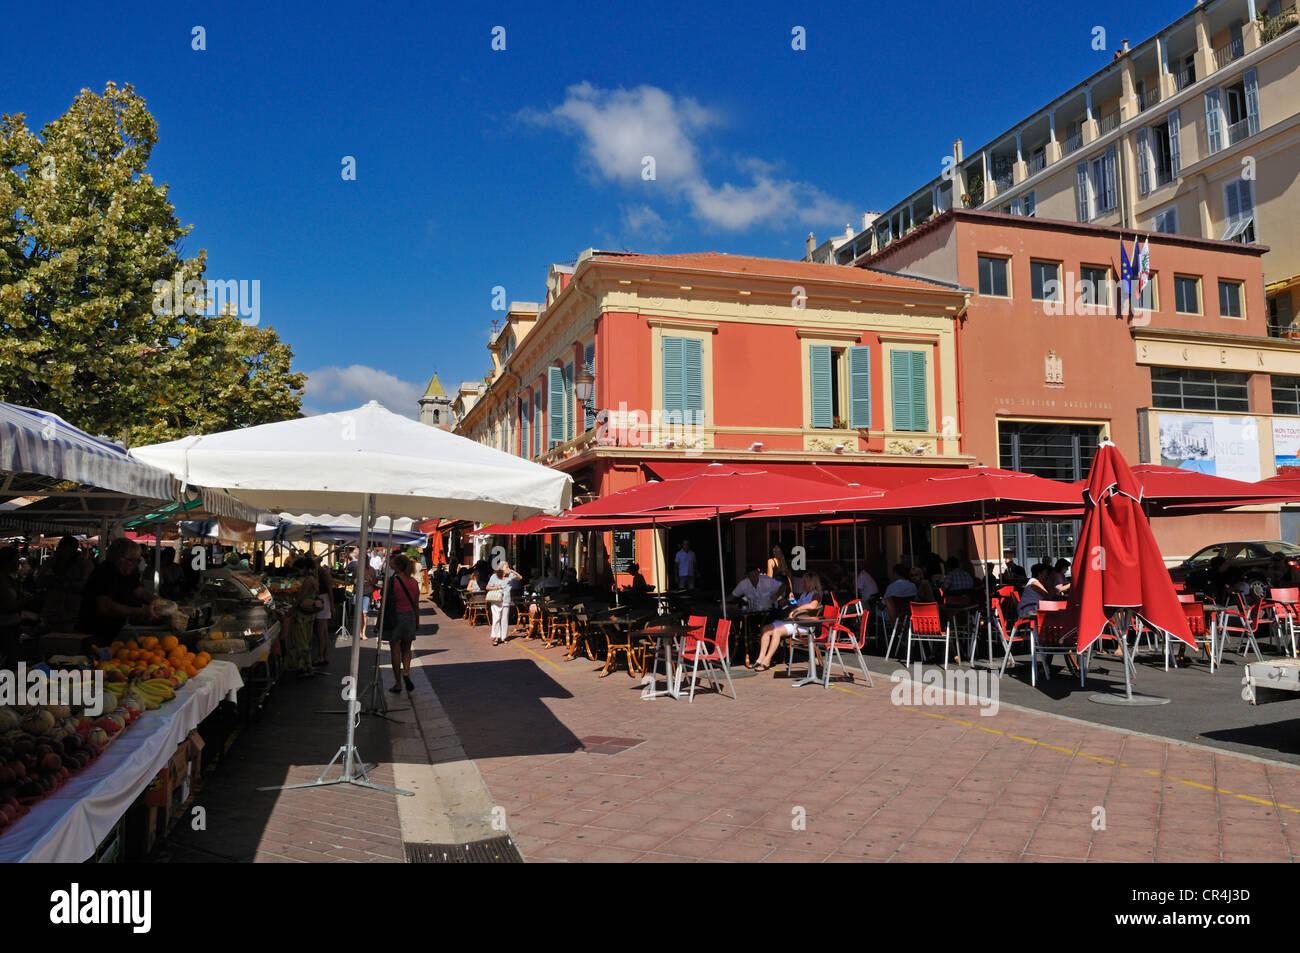 Place Pierre Gautier, Nice, Nizza, Cote d'Azur, Alpes Maritimes, Provence, France, Europe - Stock Image